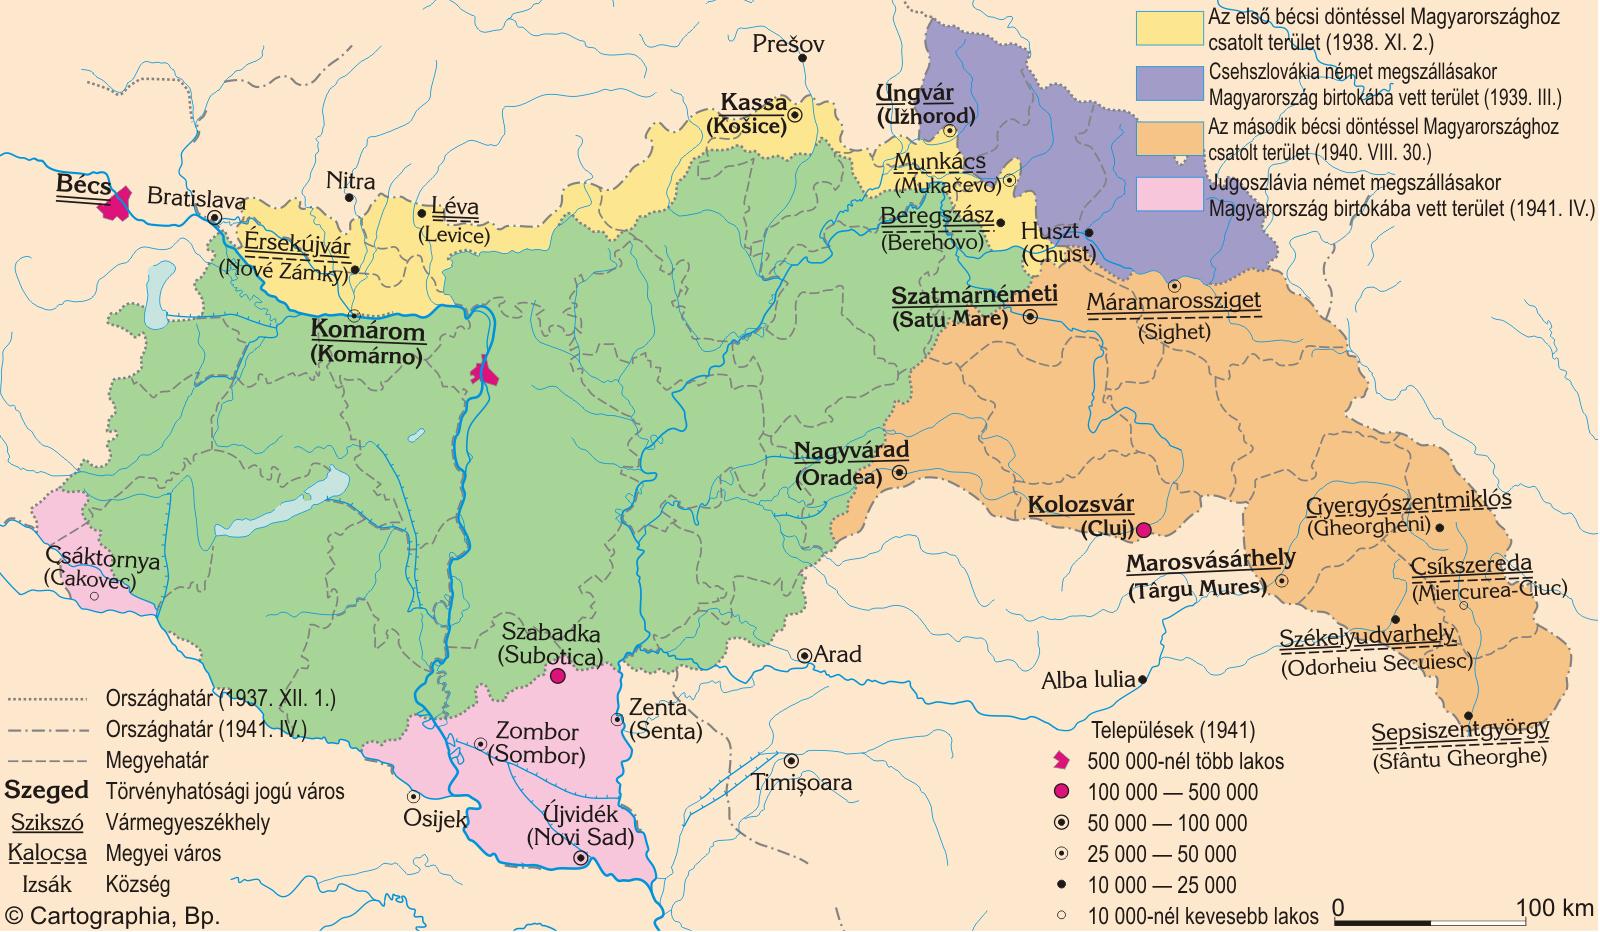 magyarország térkép 1920 Magyar történelmi térképtár | SuliTudásbázis magyarország térkép 1920